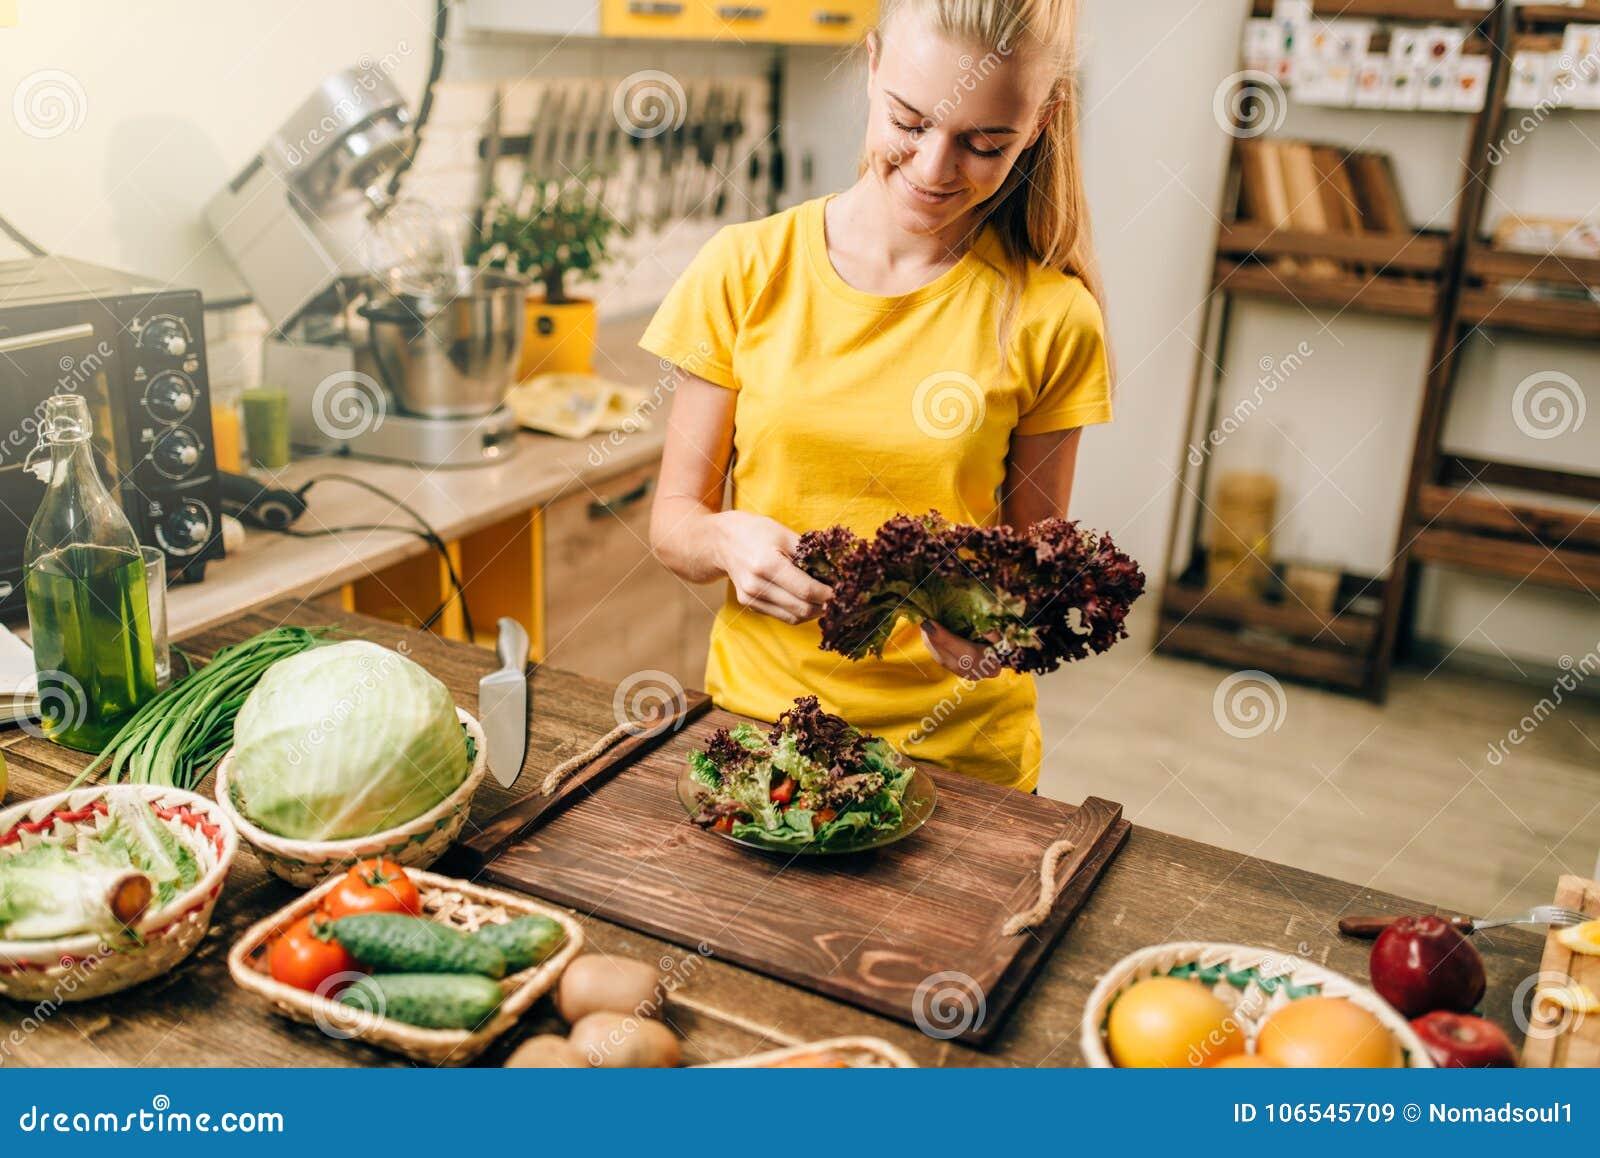 Szczęśliwa kobiety mienia sałatka, gotuje zdrowego jedzenie